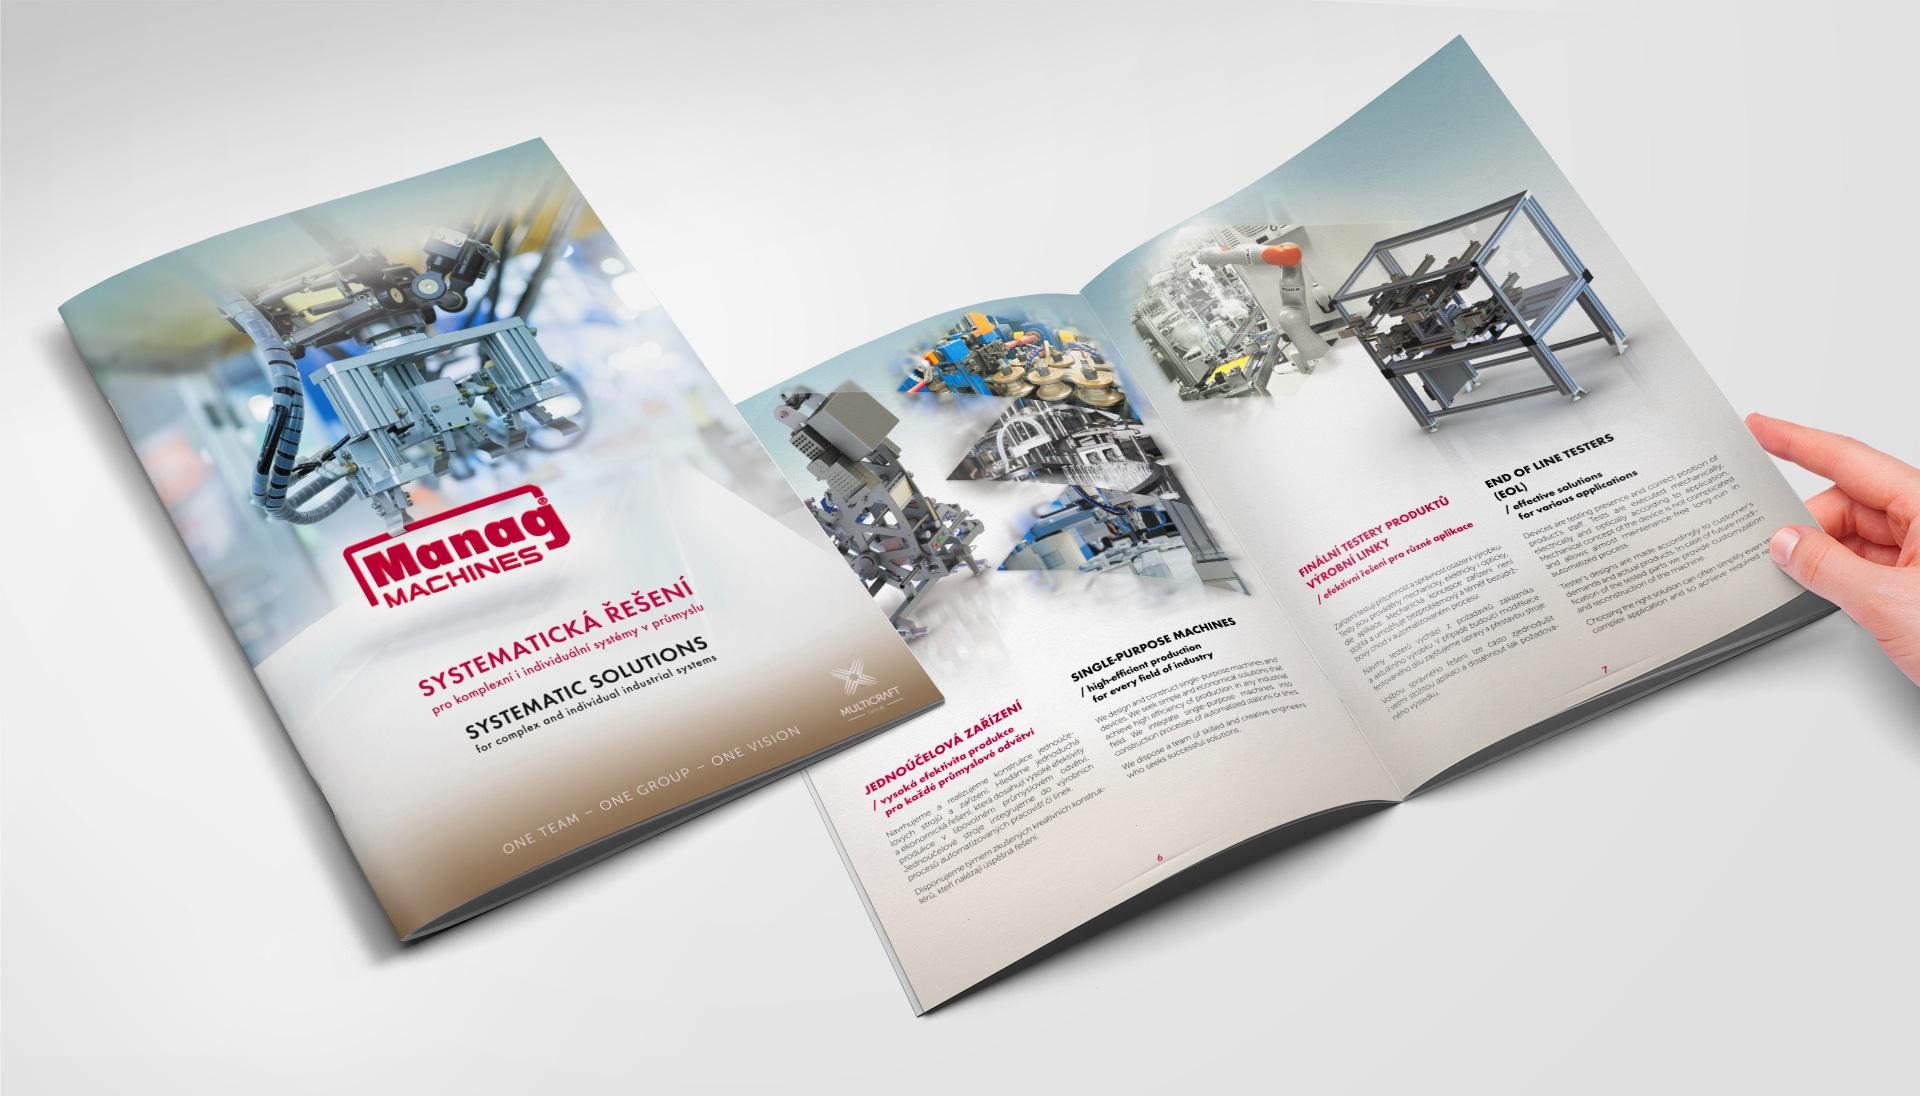 Tištěný katalog pro firmu Manag Machines